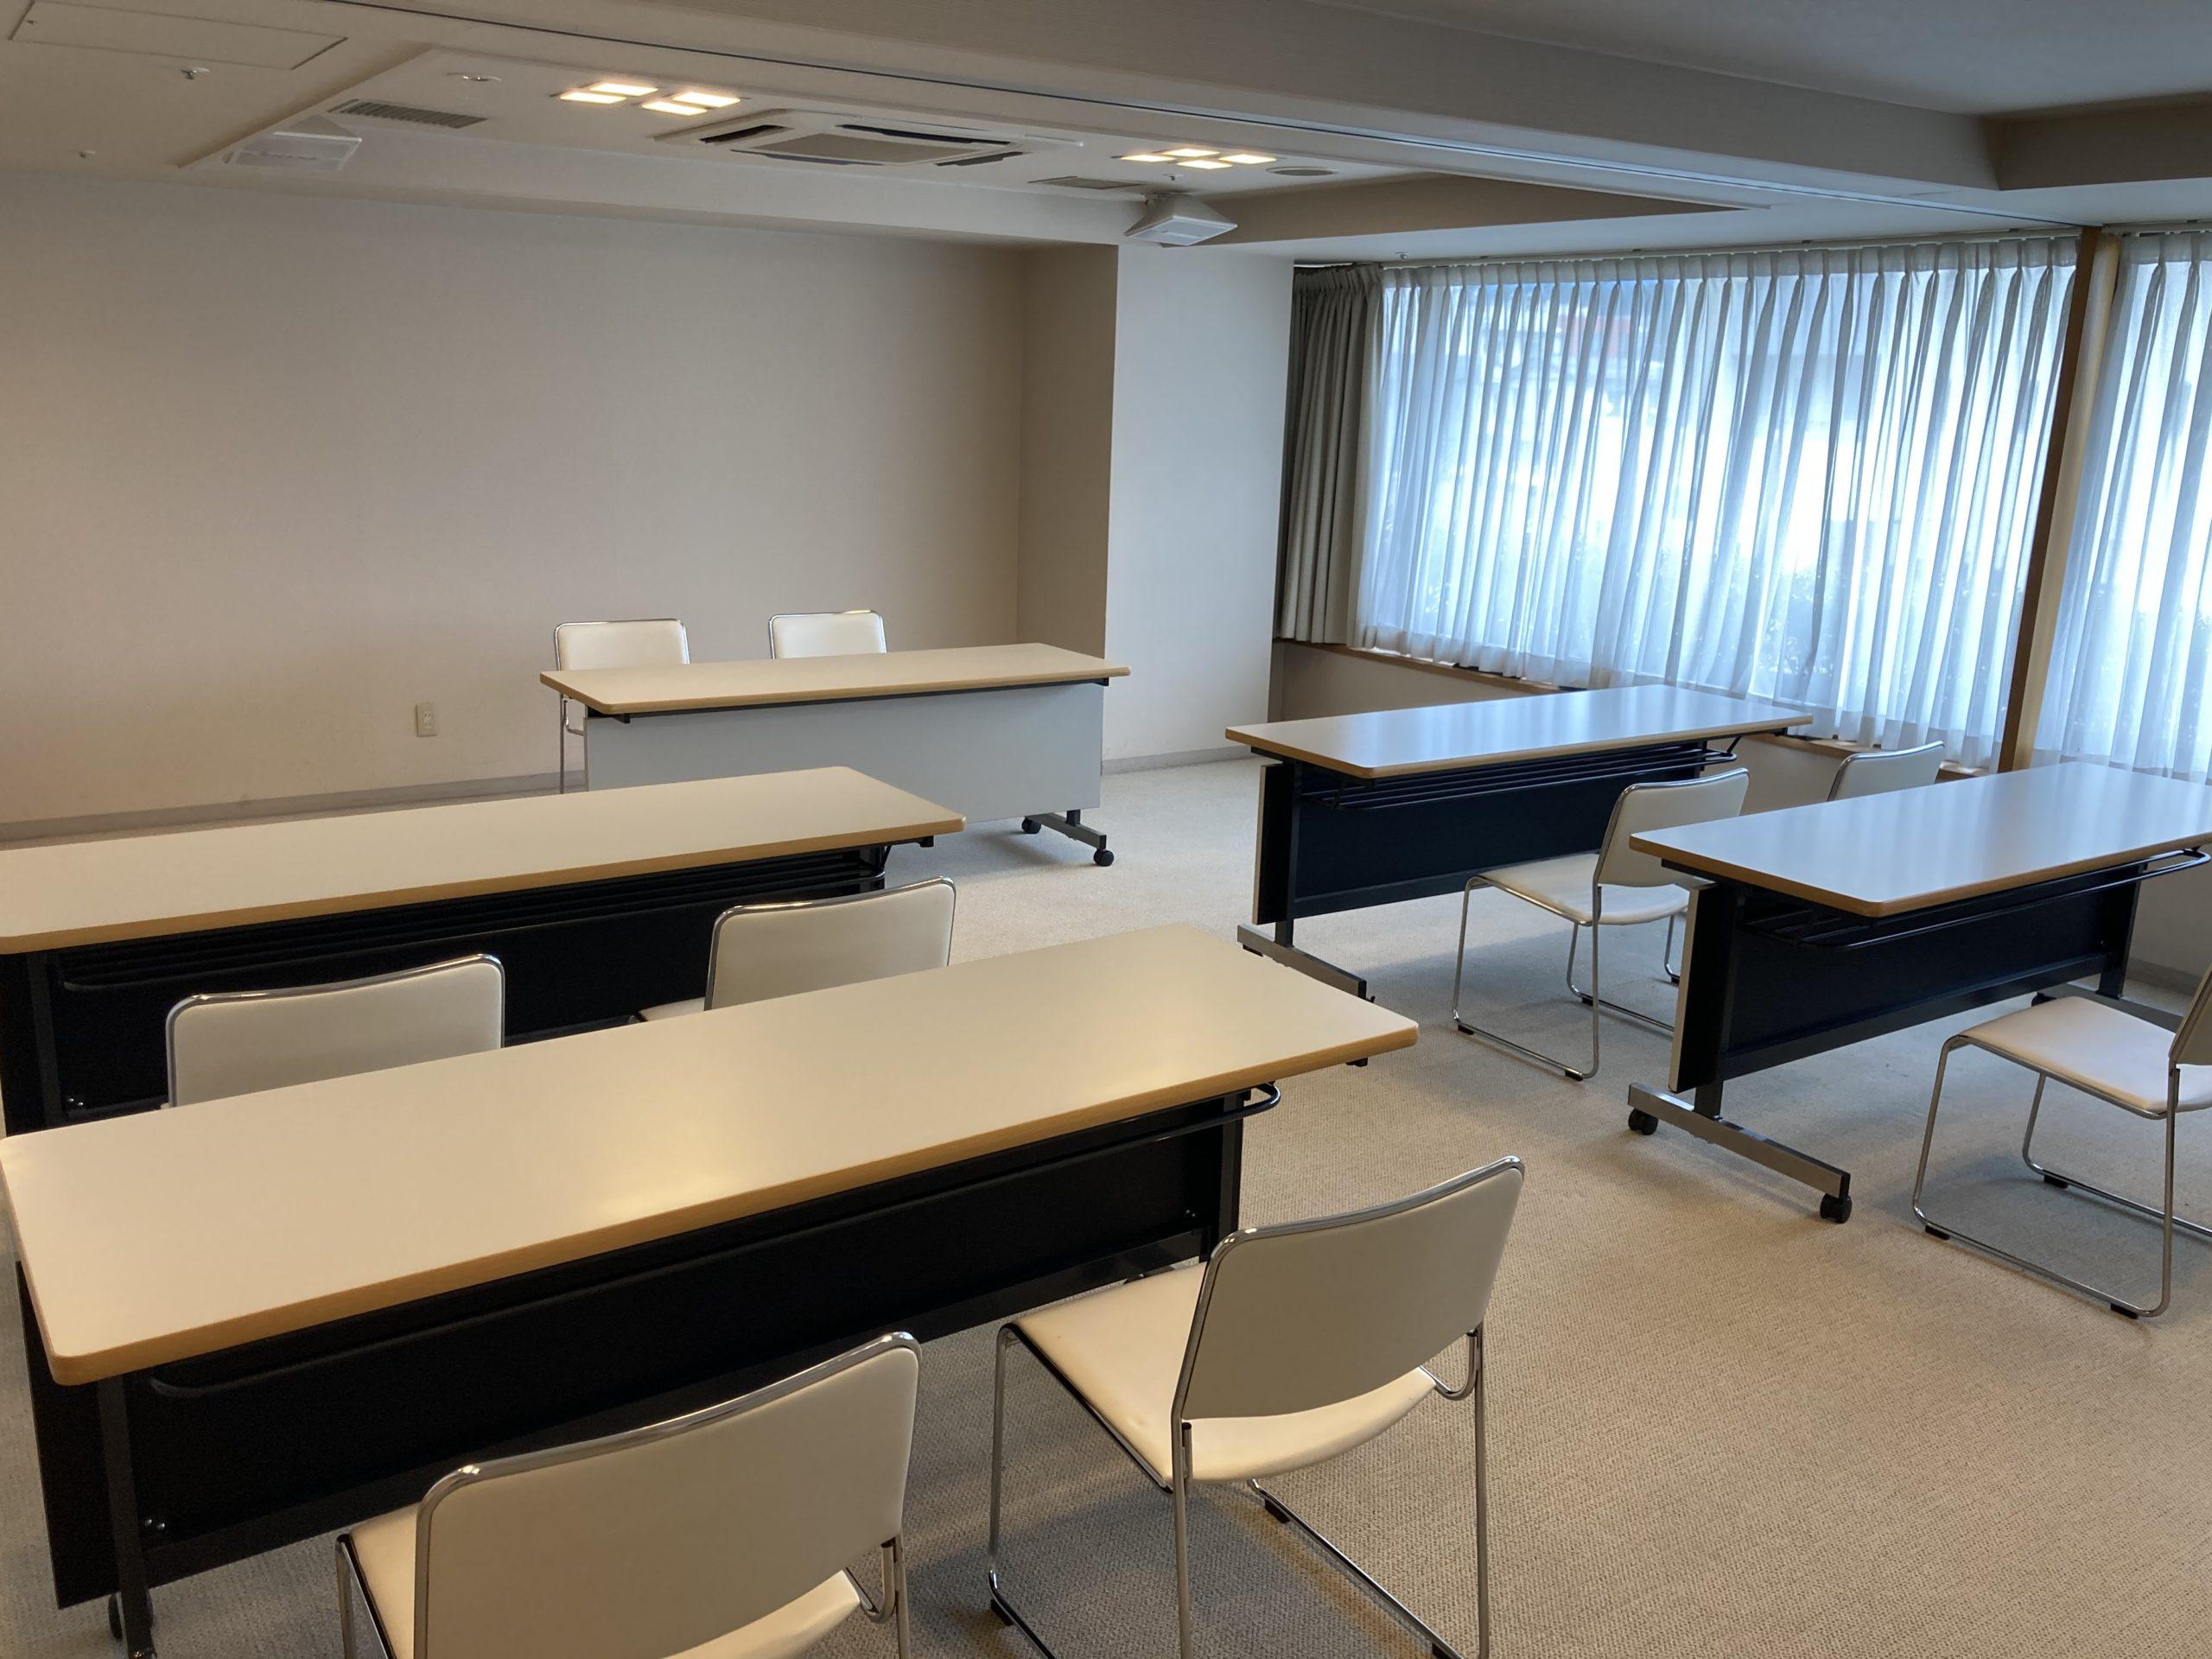 プラザグループは会議室やセミナー会場も充実!高速wi-fiも!